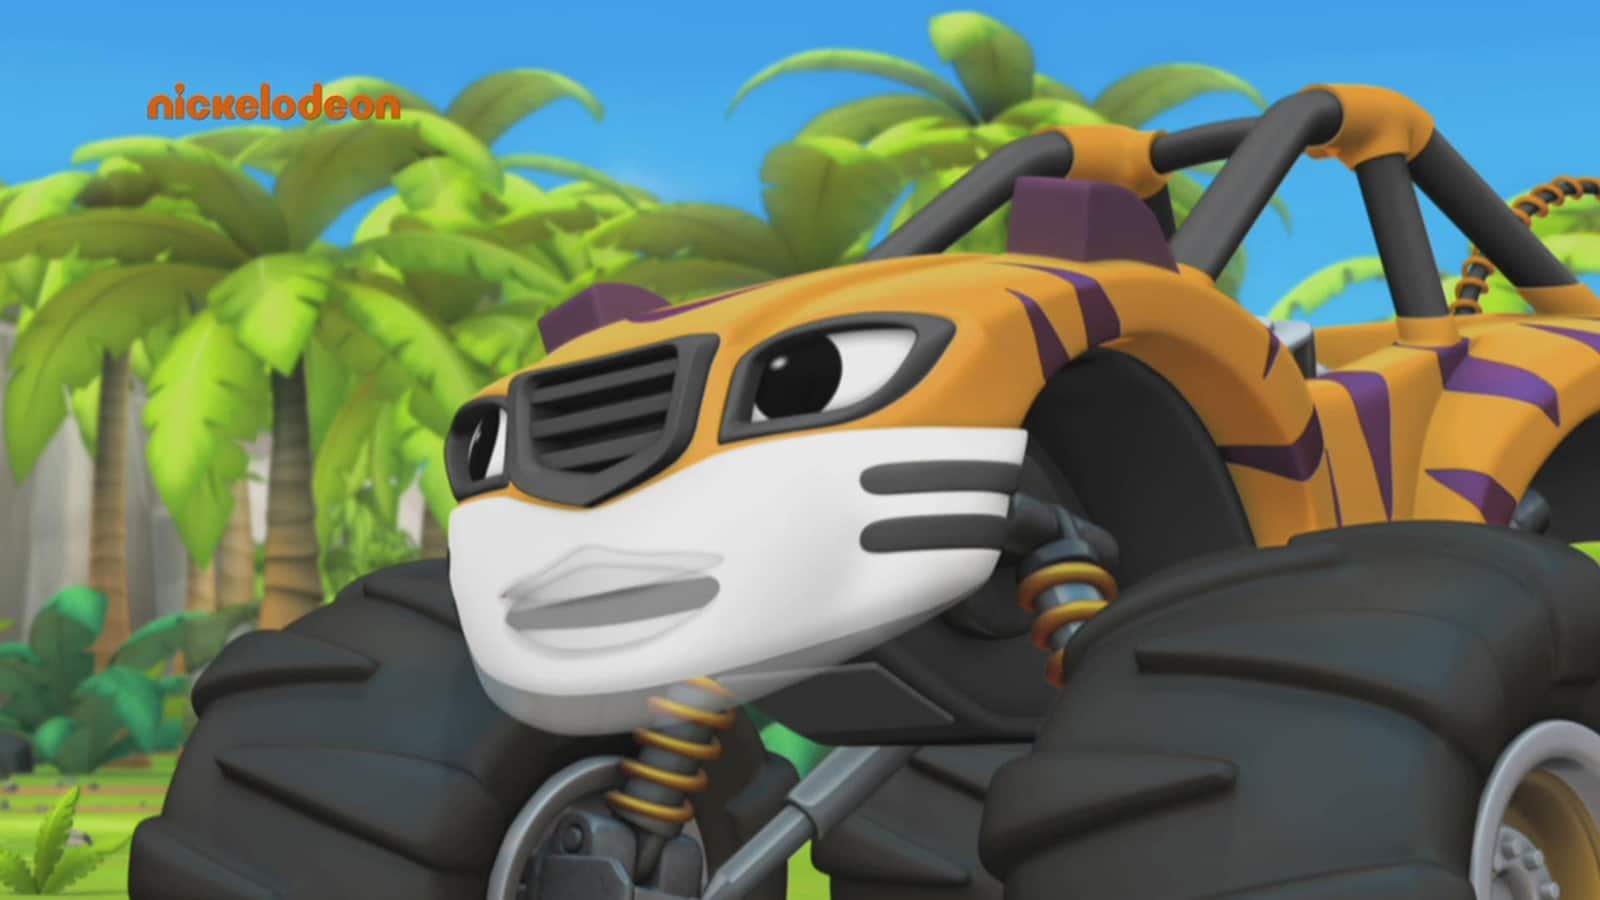 blaze-och-monstermaskinerna/sasong-1/avsnitt-7